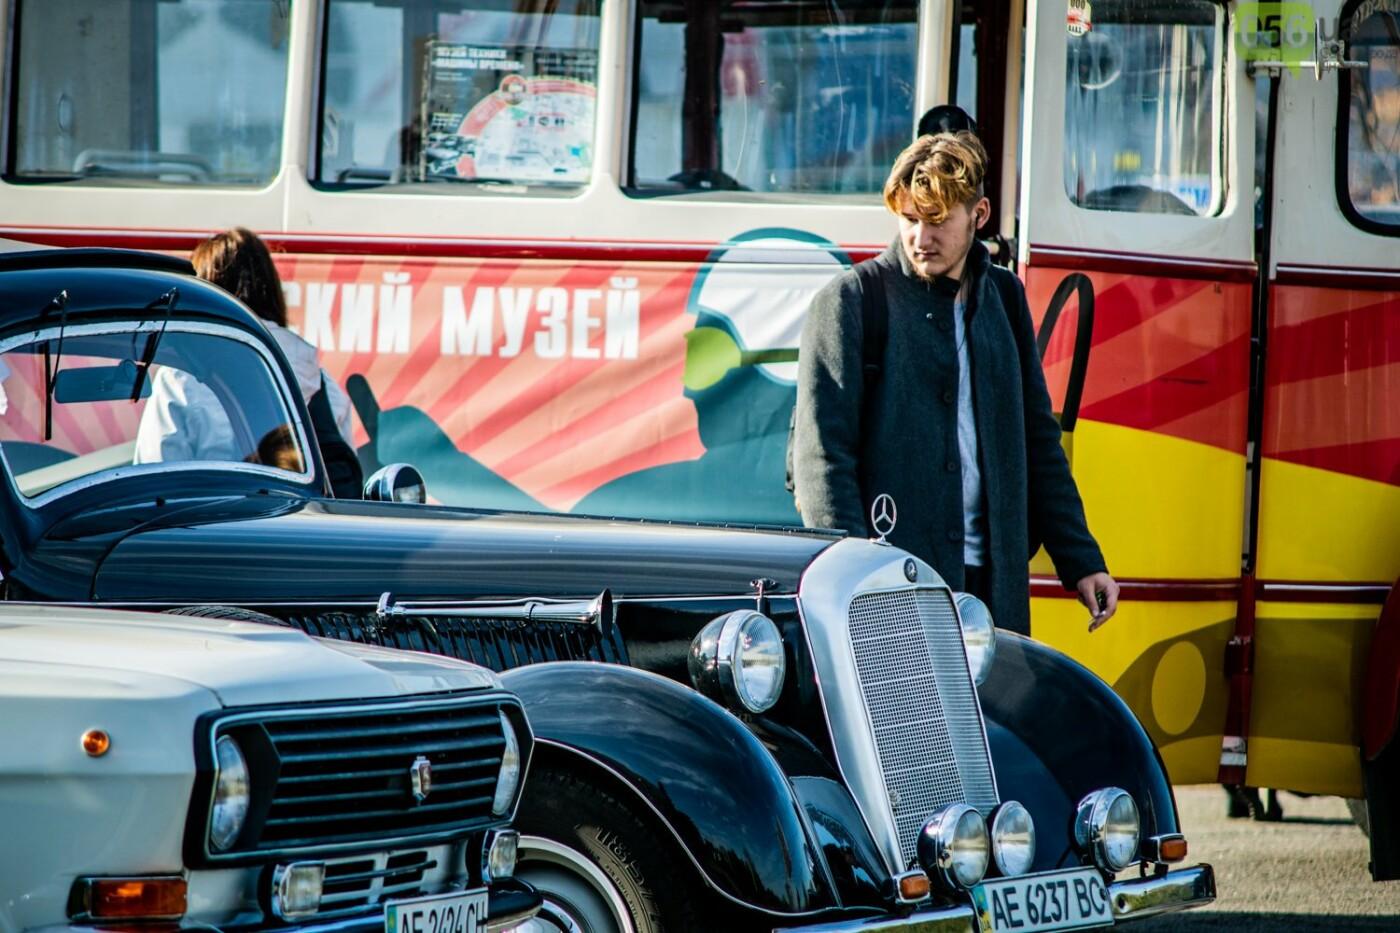 «Реставрация – это недешевое хобби»: как в Днепре проходит встреча владельцев ретро-автомобилей, - ФОТОРЕПОРТАЖ, фото-10